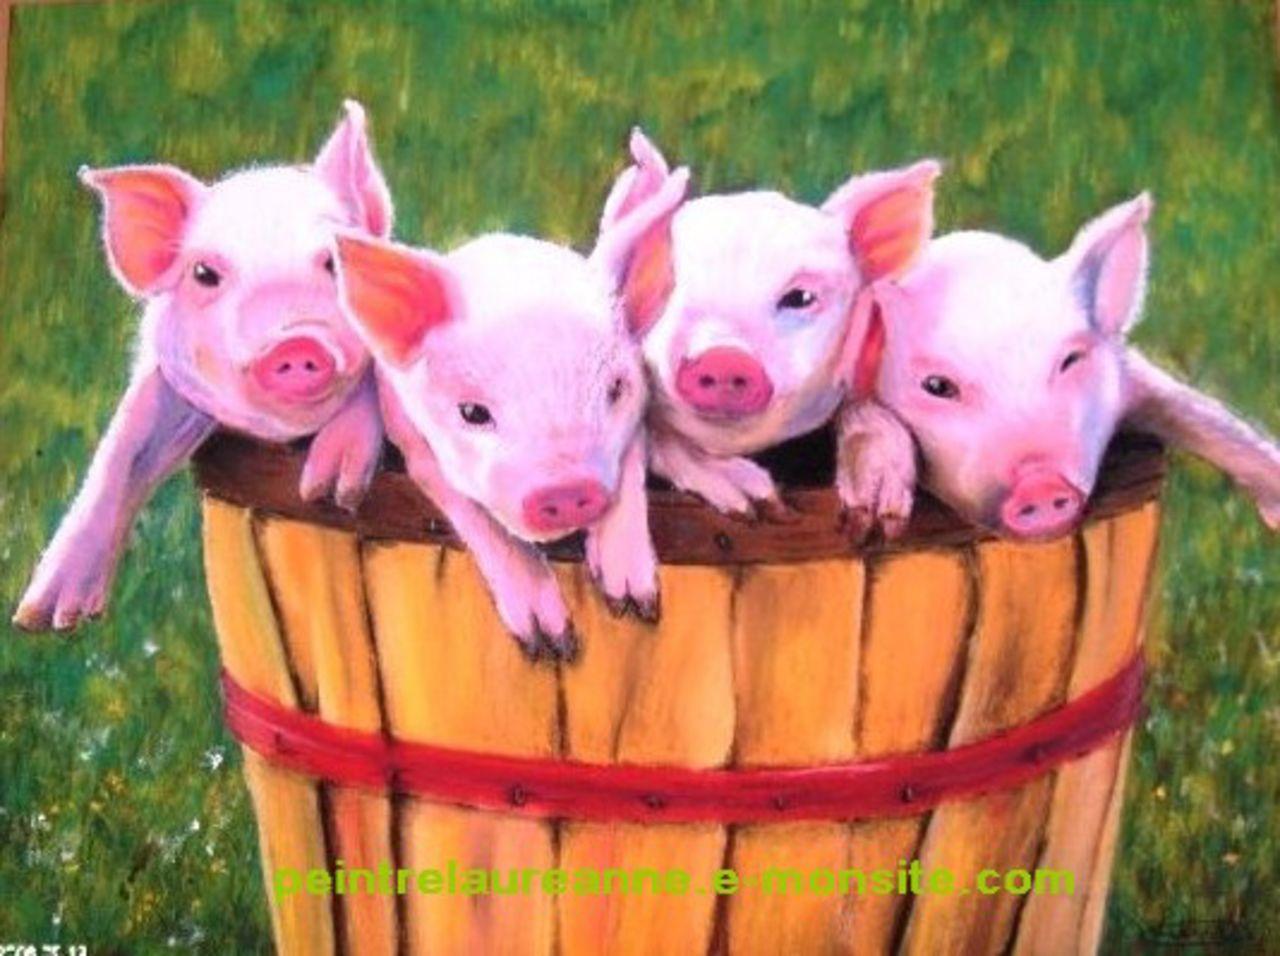 laure-anne barbier Les 4 petits cochons